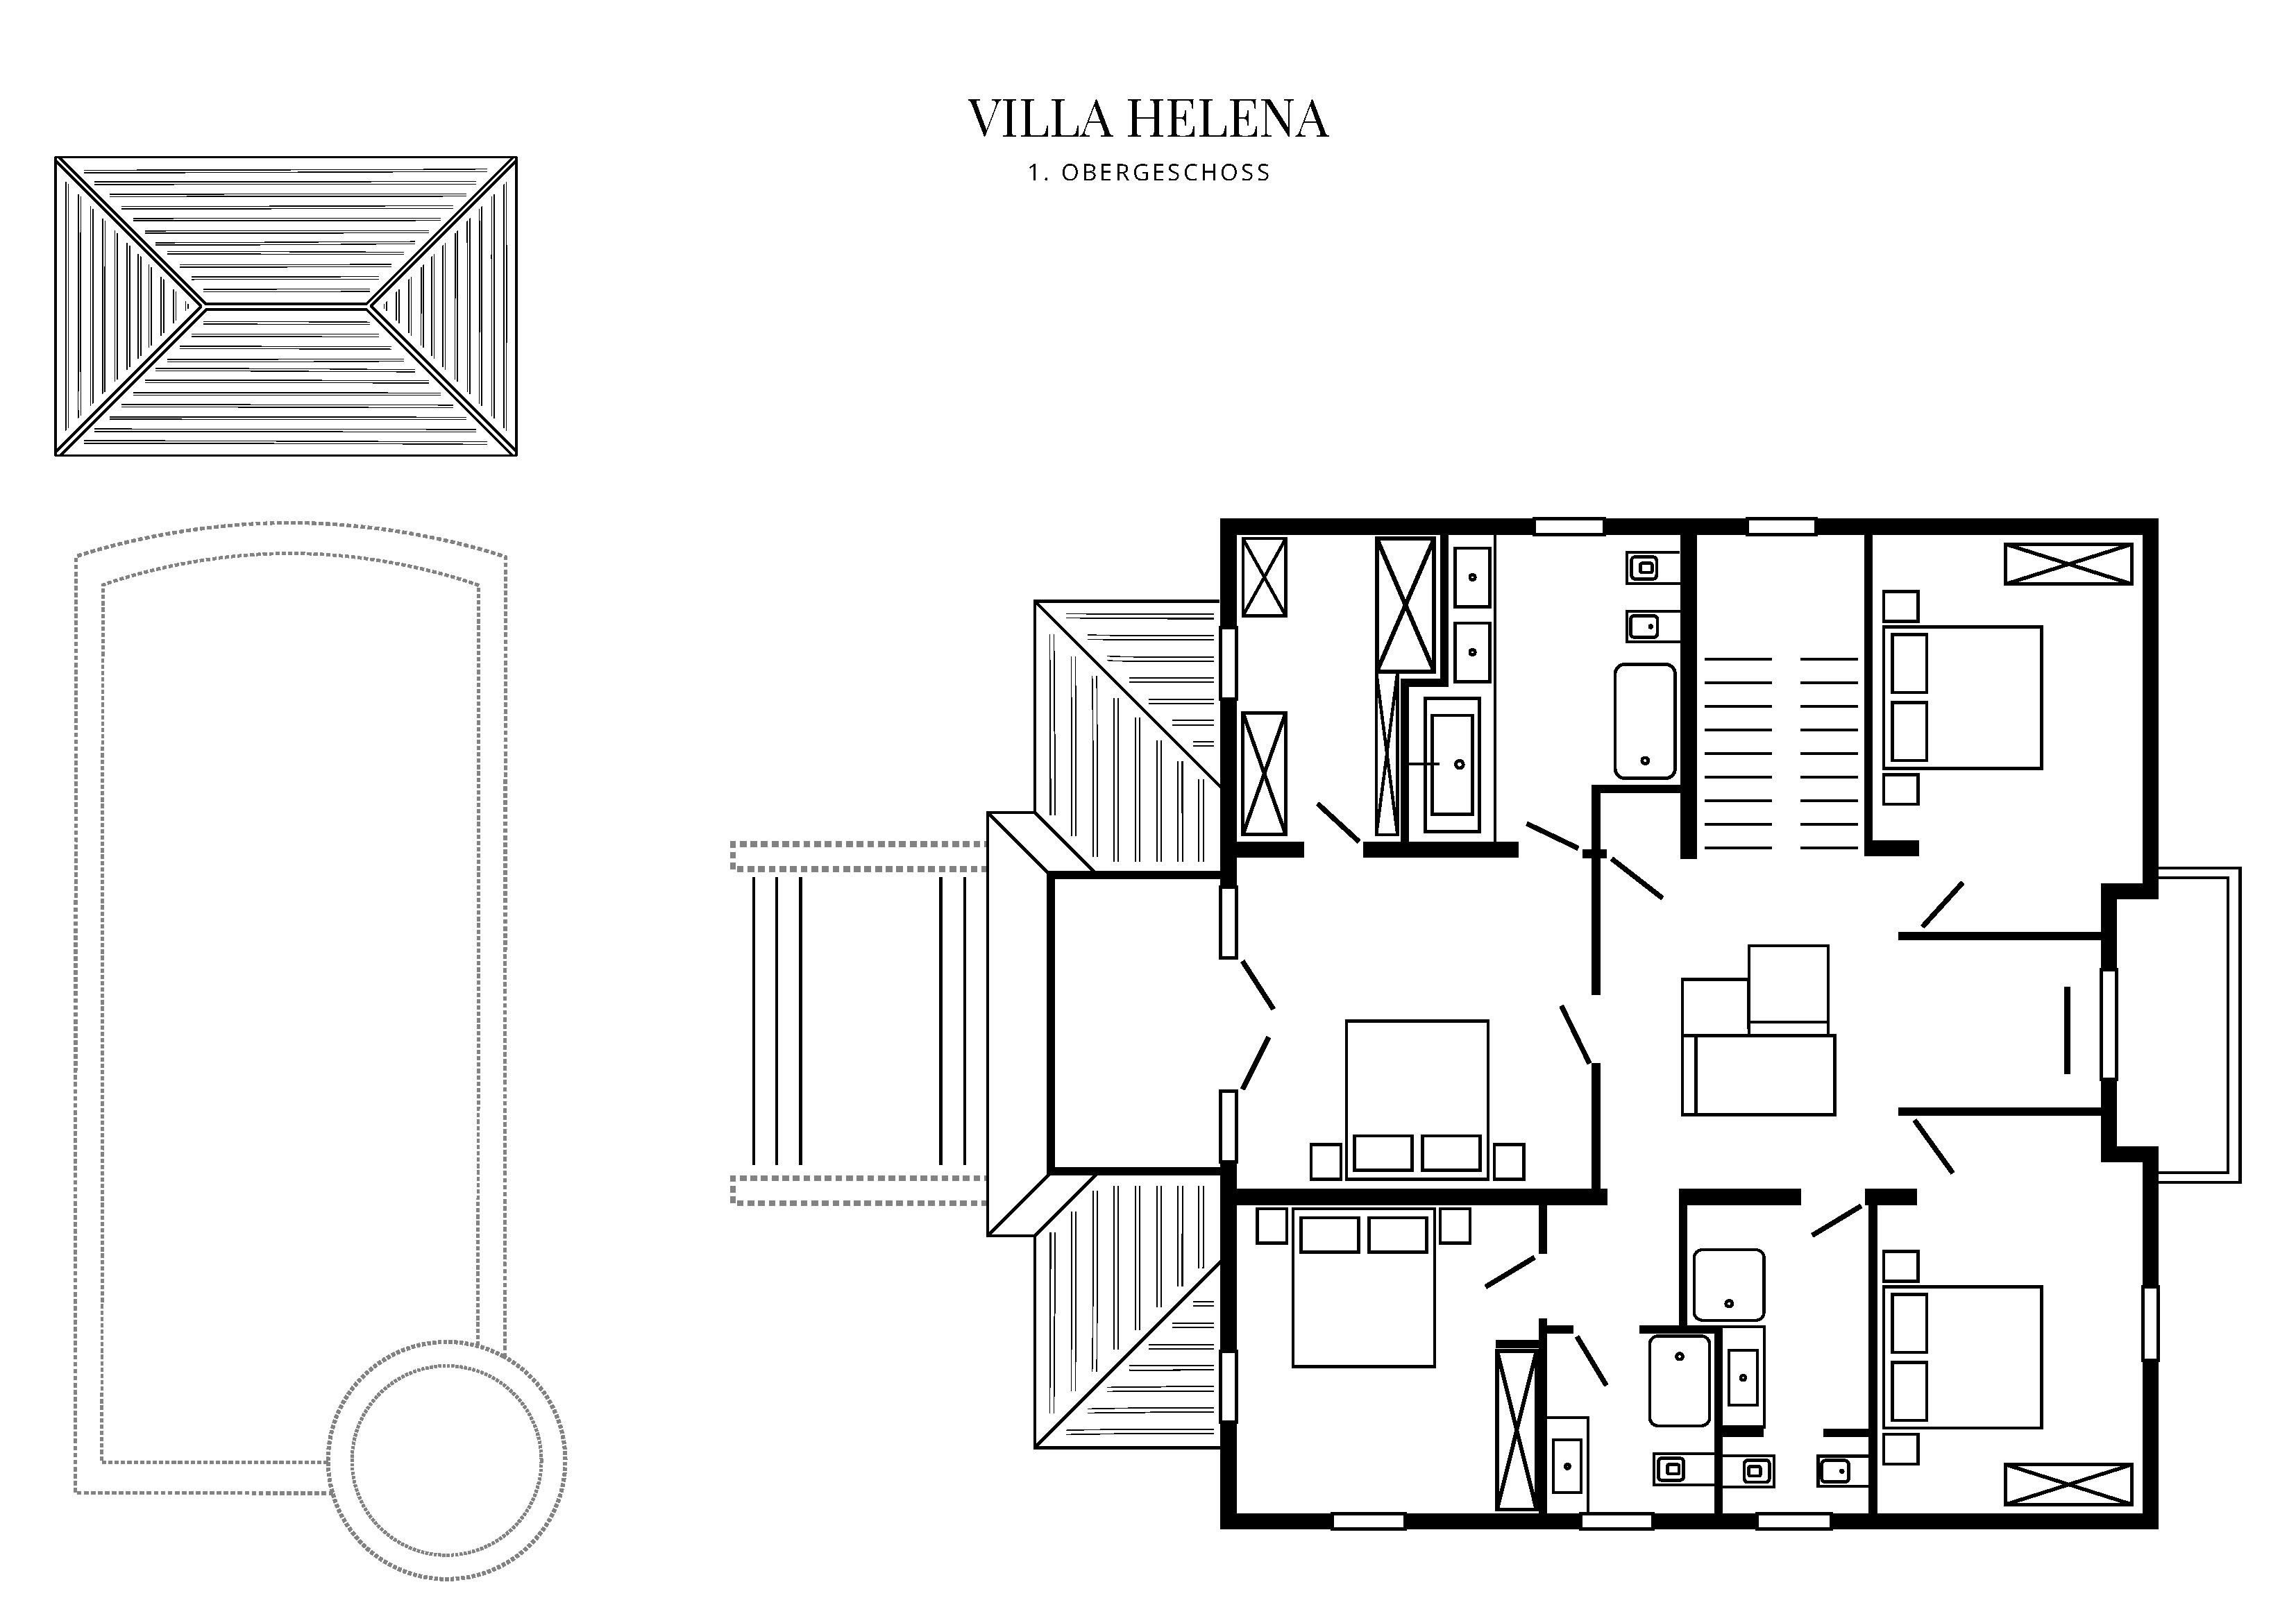 Grafik Grundriss Obergeschoss Villa Helena